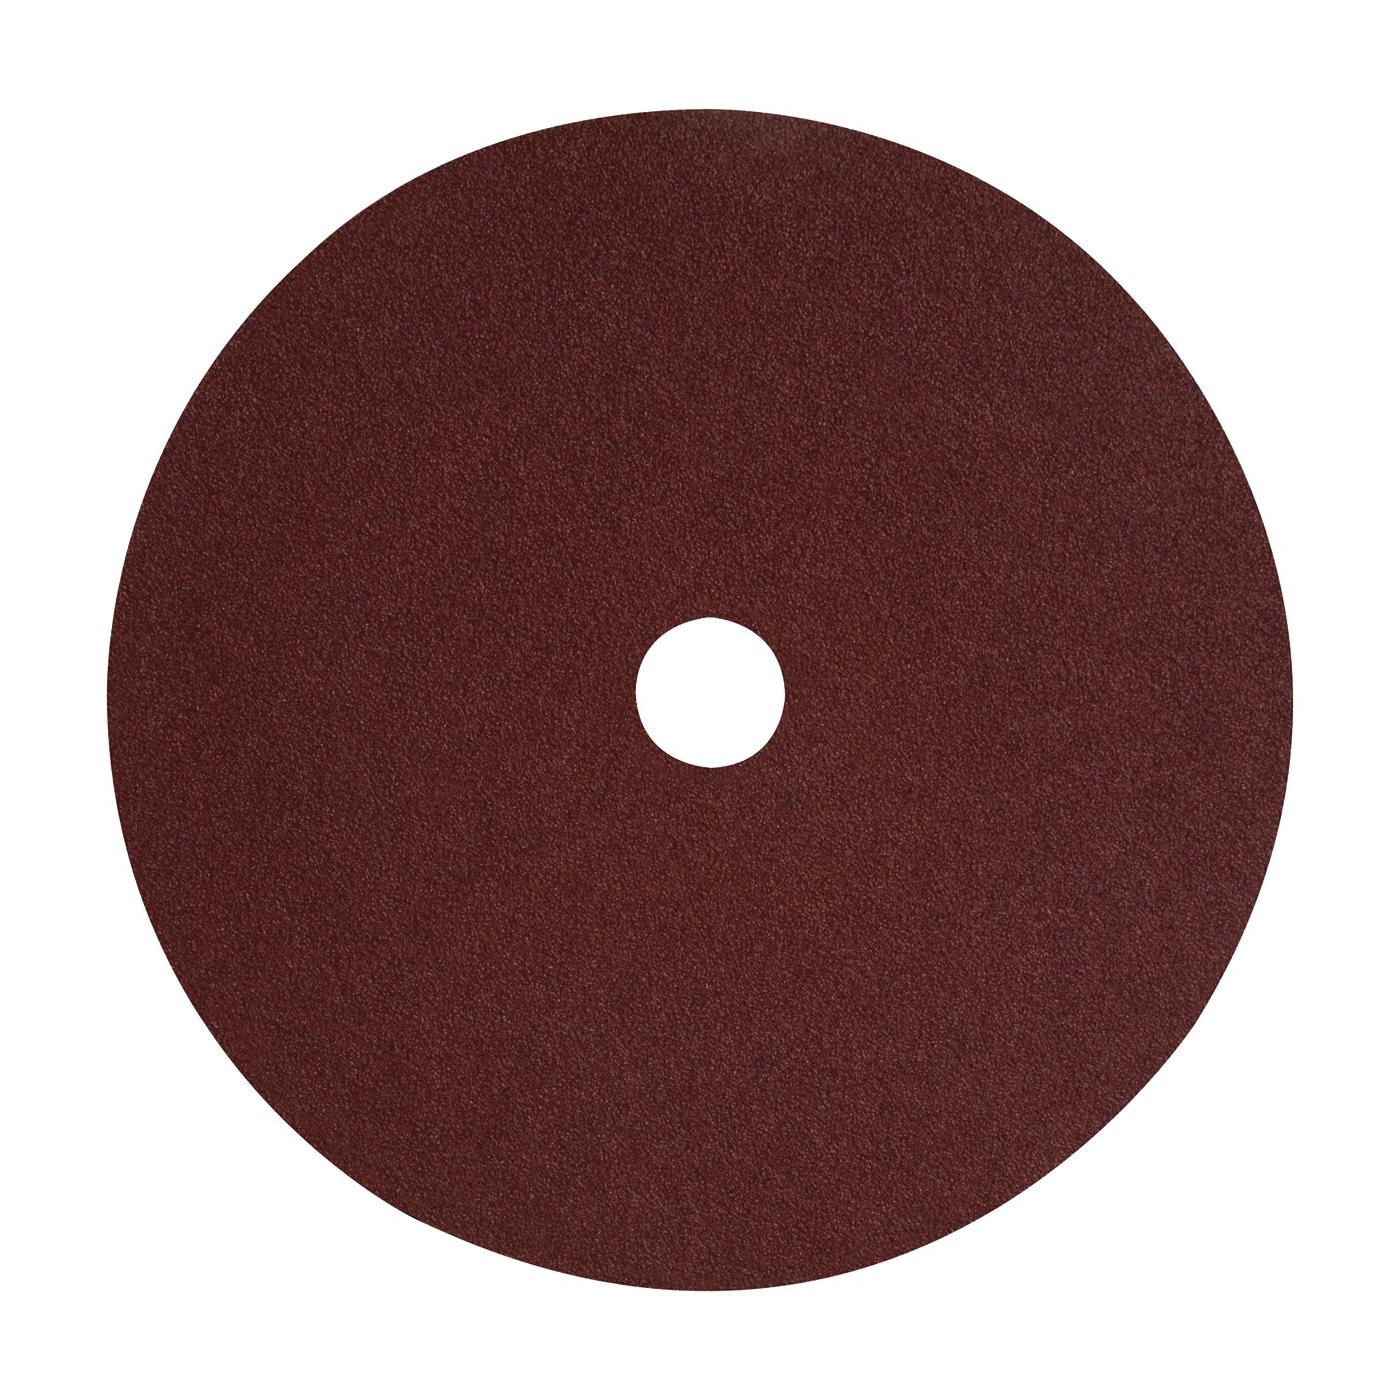 Picture of DeWALT DARB1G0205 Fiber Disc, 4-1/2 in Dia, 7/8 in Arbor, Coated, 24 Grit, Aluminum Oxide Abrasive, Fiber Backing